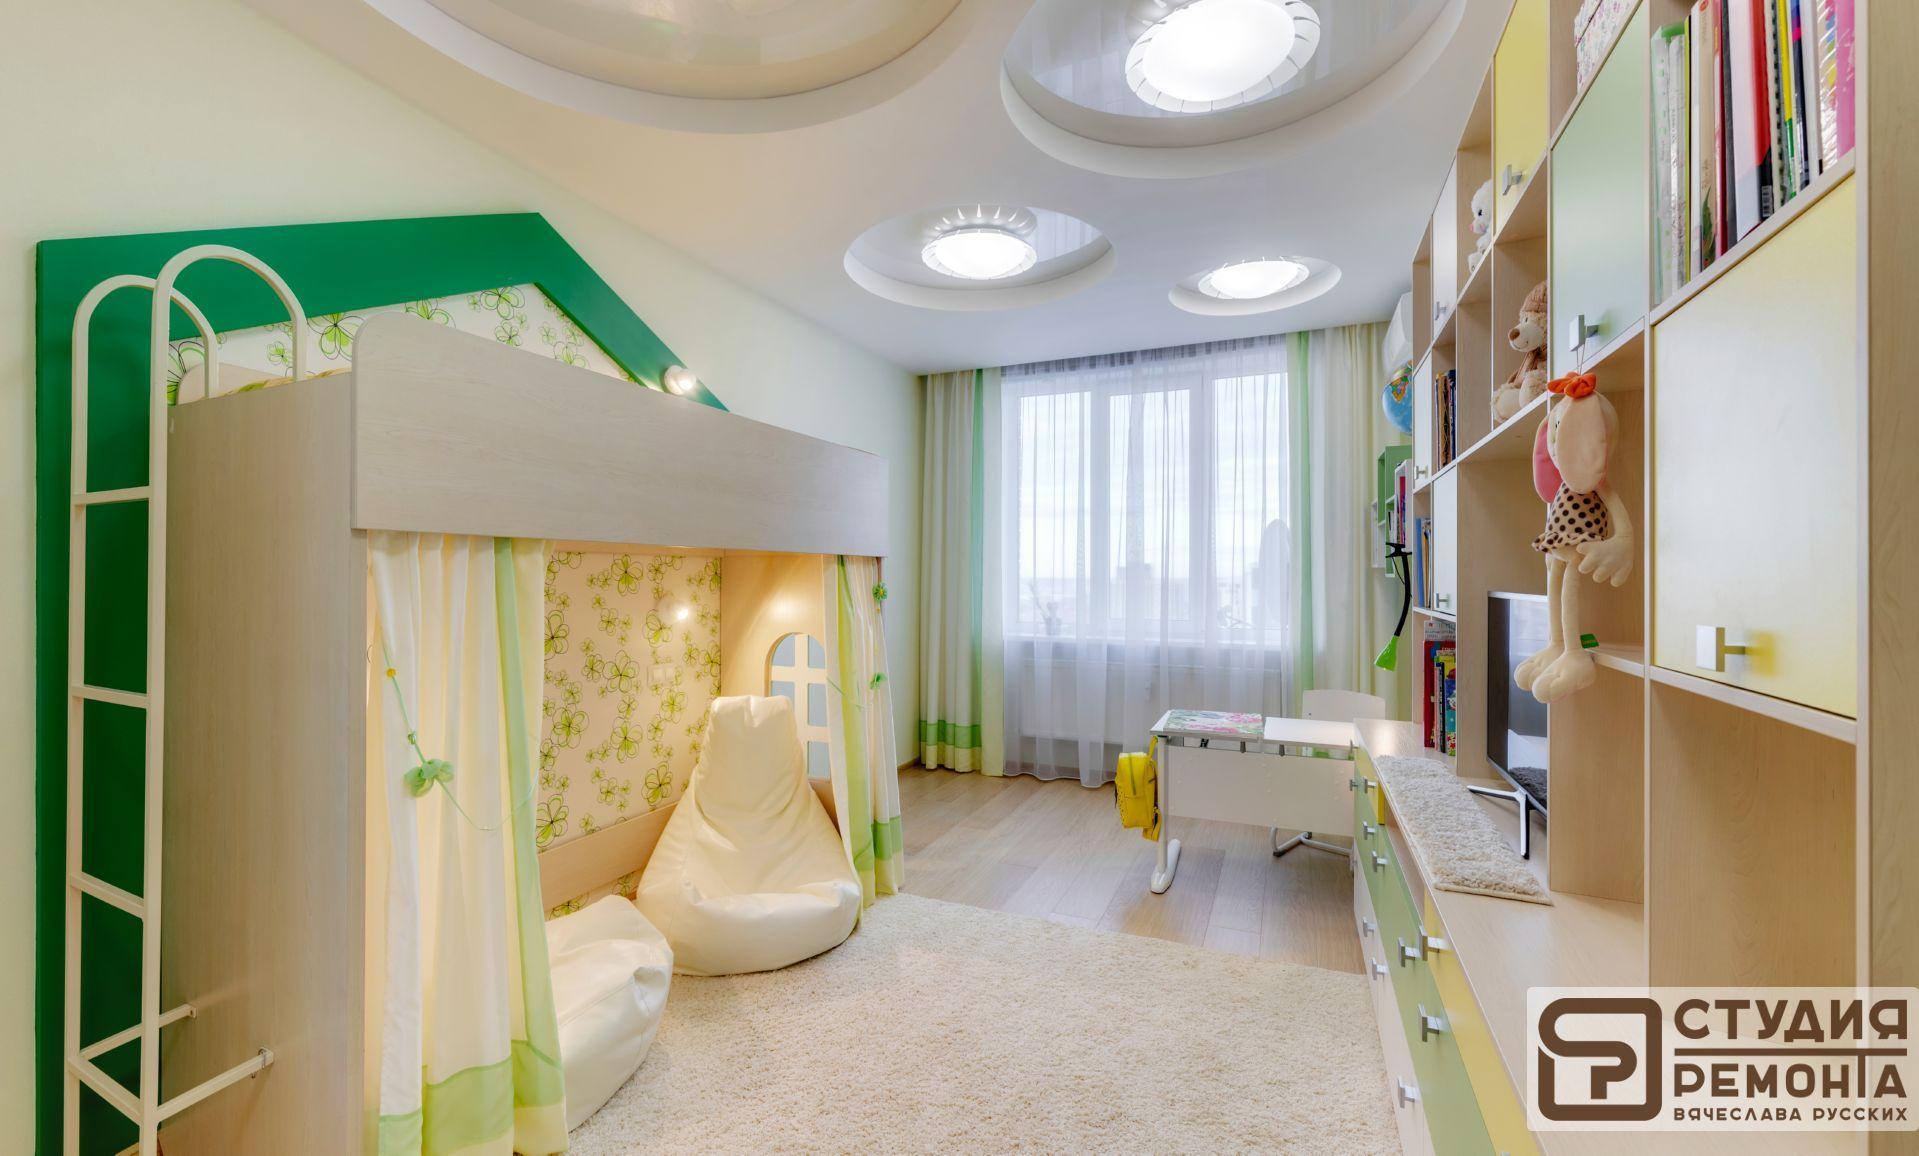 Ремонт квартиры в Ижевске ЖК «Онежский дворик»